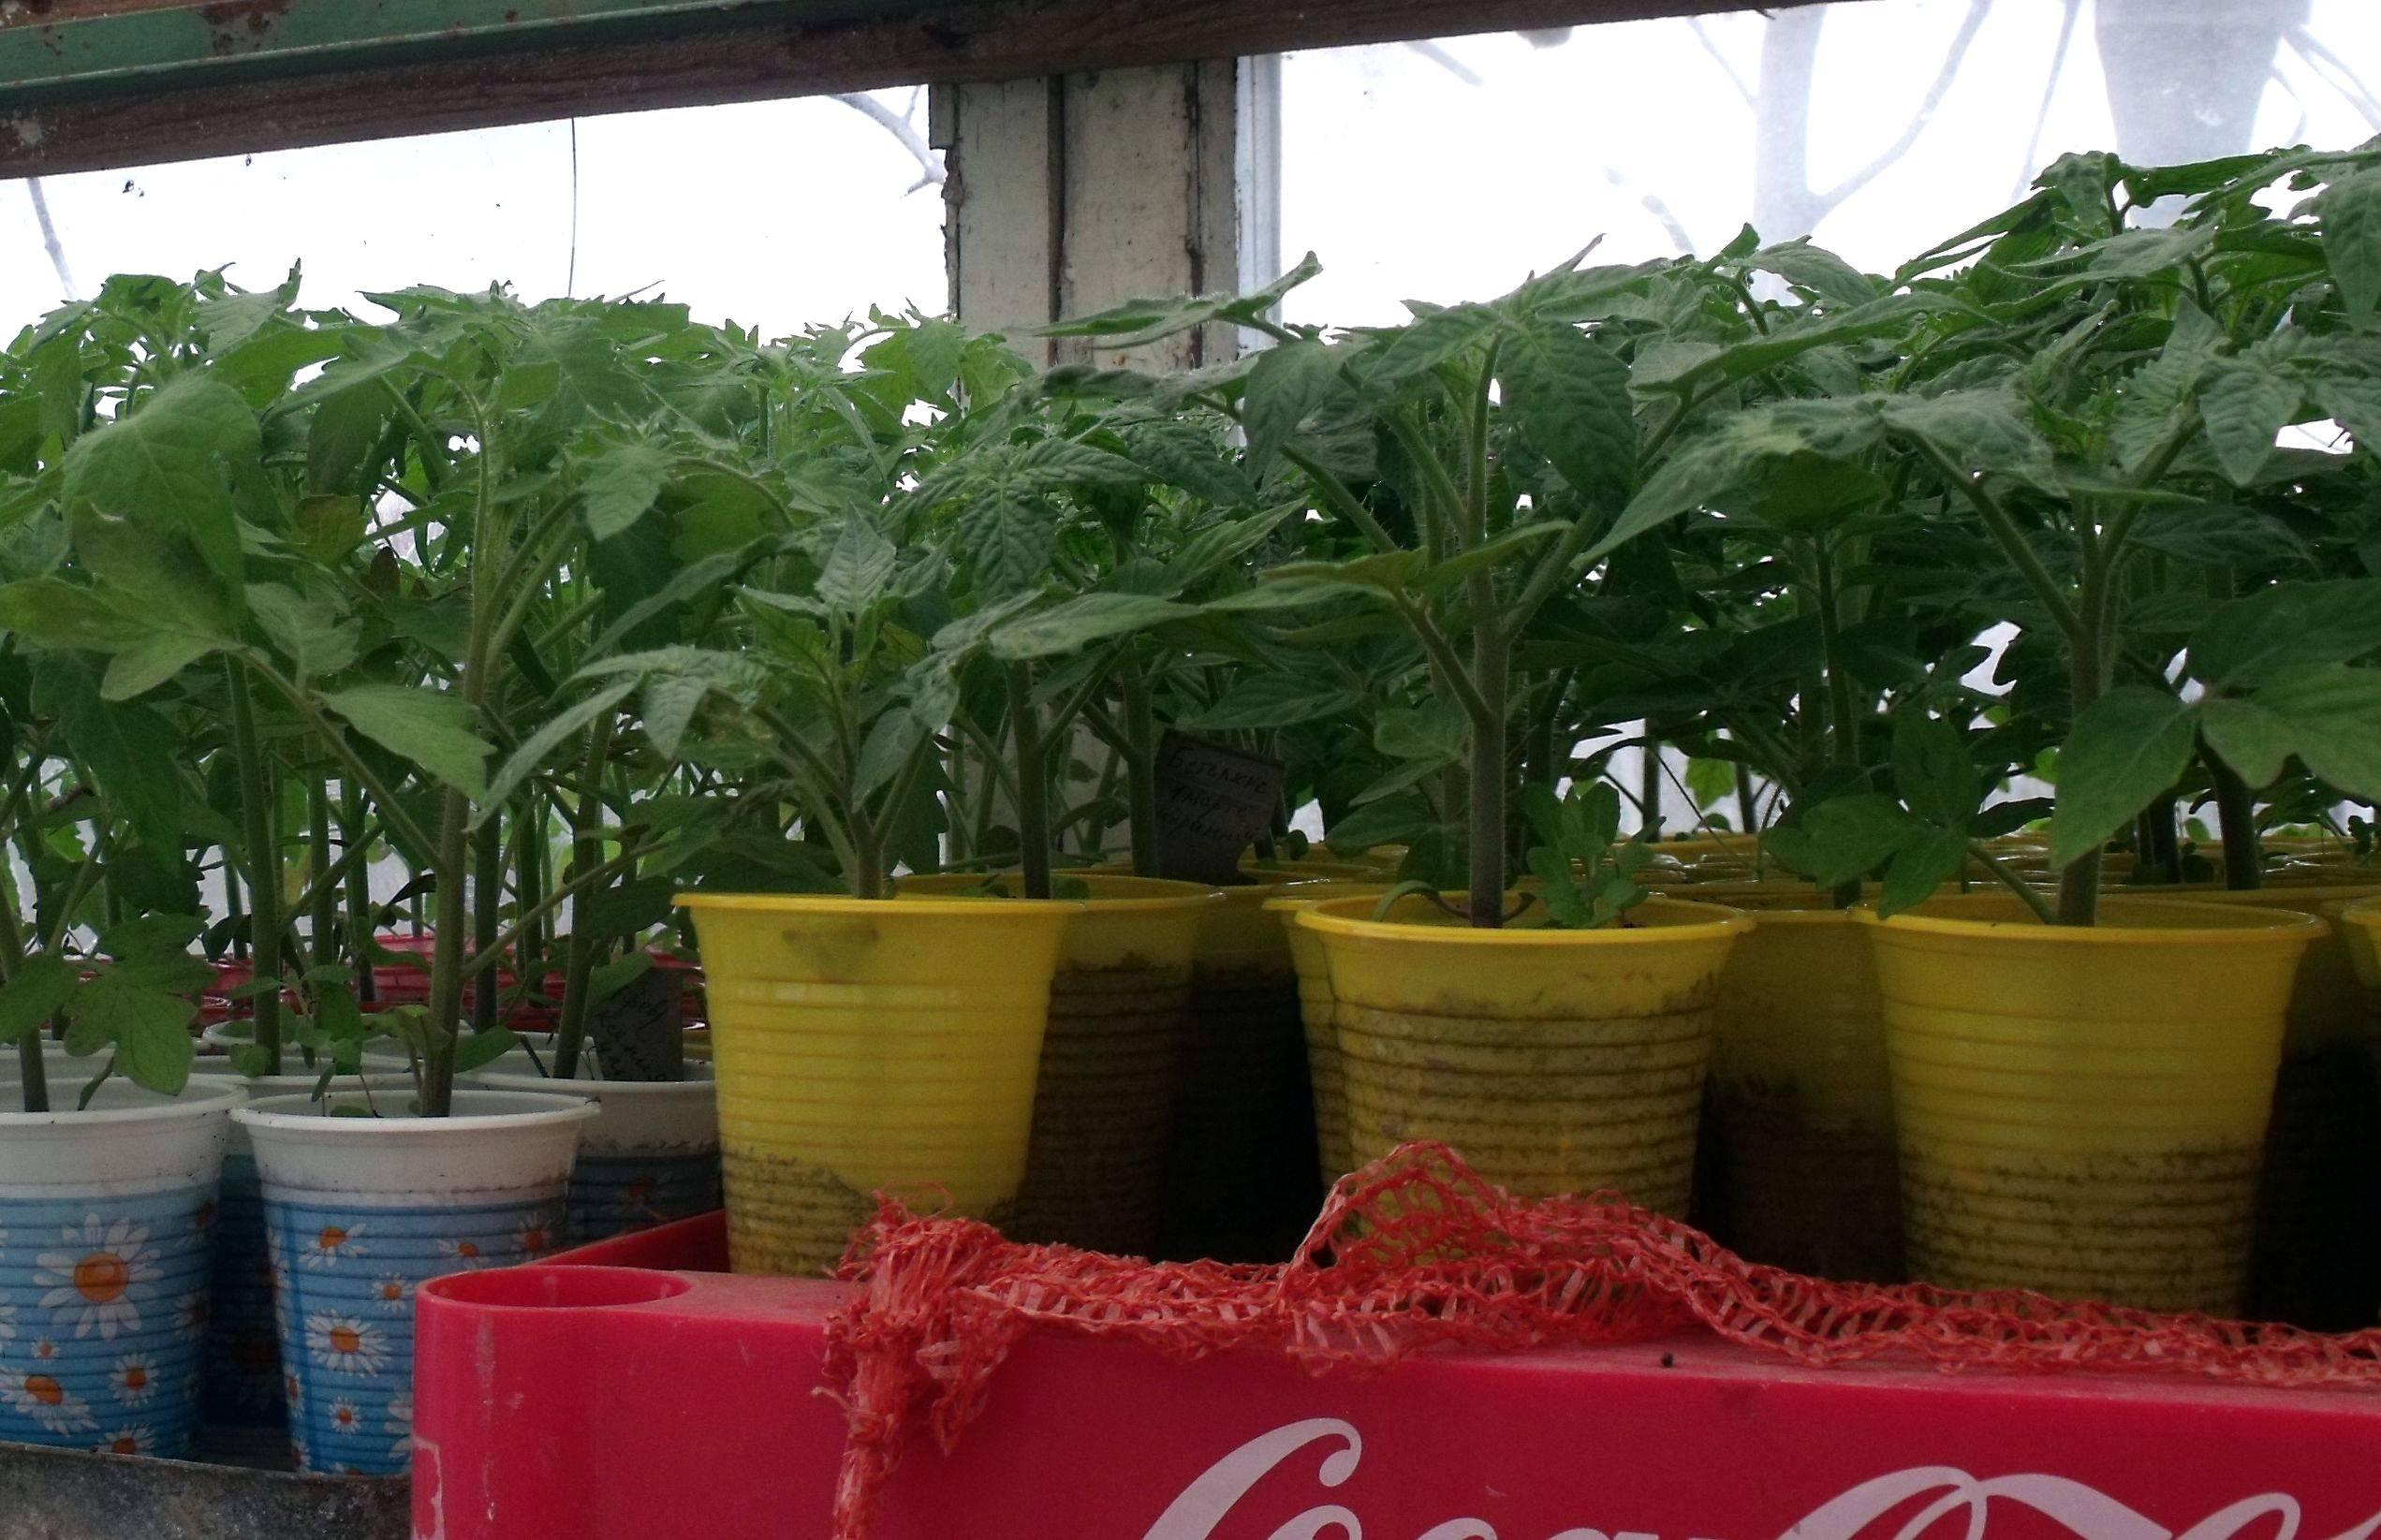 5 видов подкормки для рассады томатов. делаем большой урожай при помощи народных средств